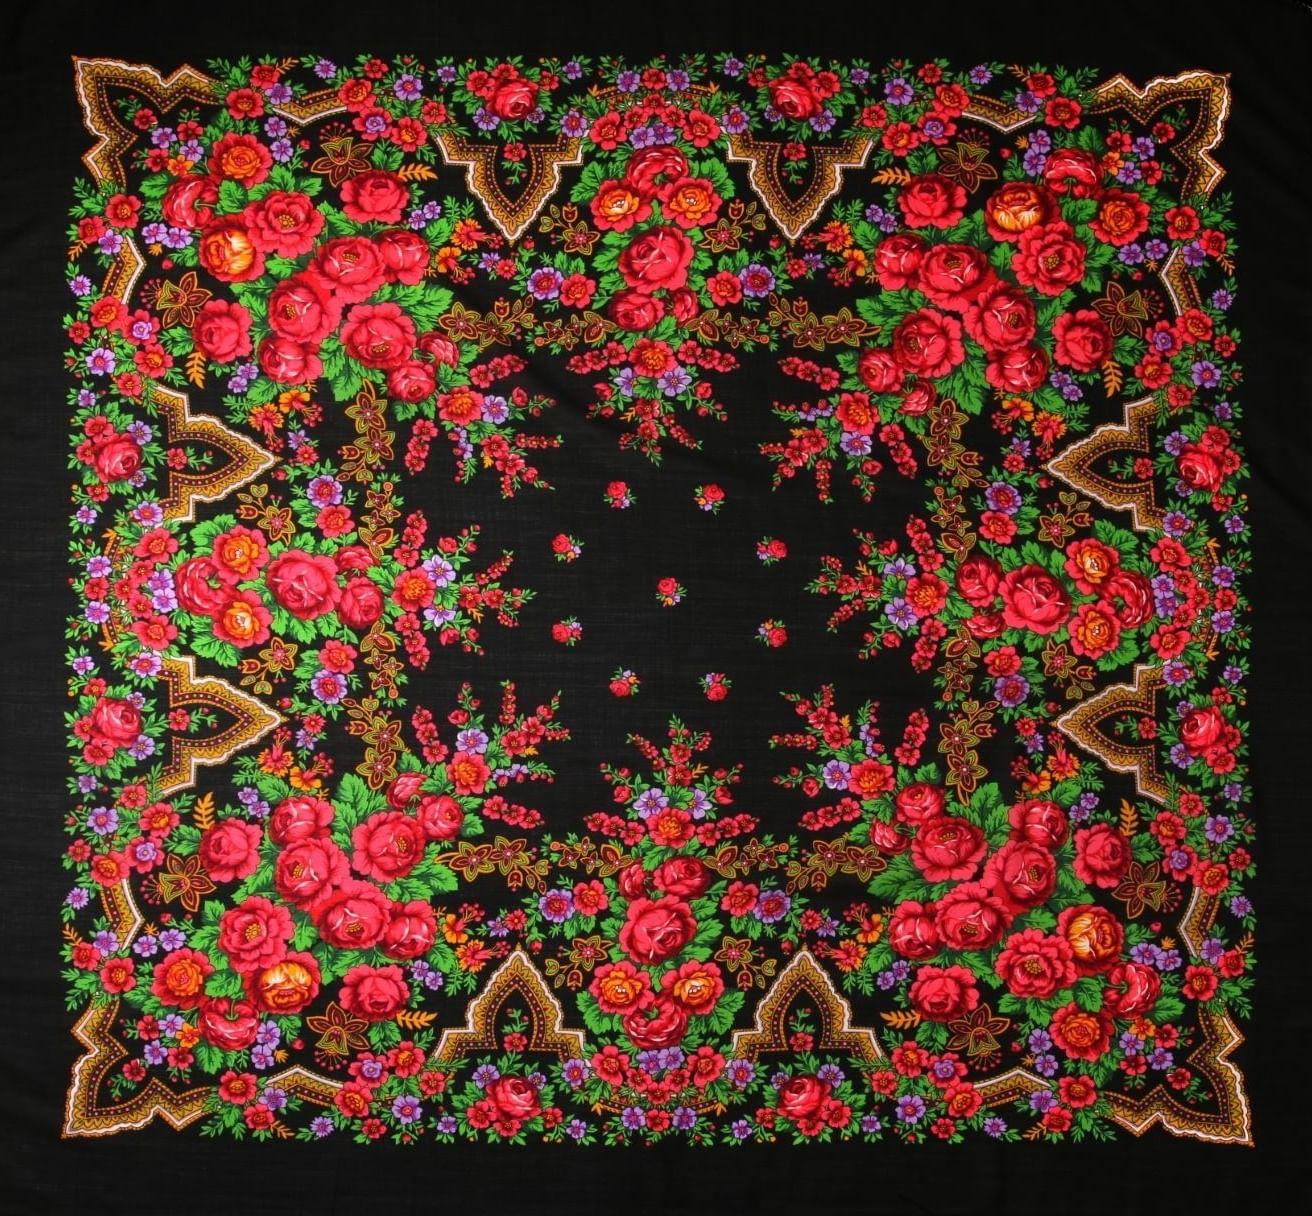 Композиция традиционного павловопосадского платка